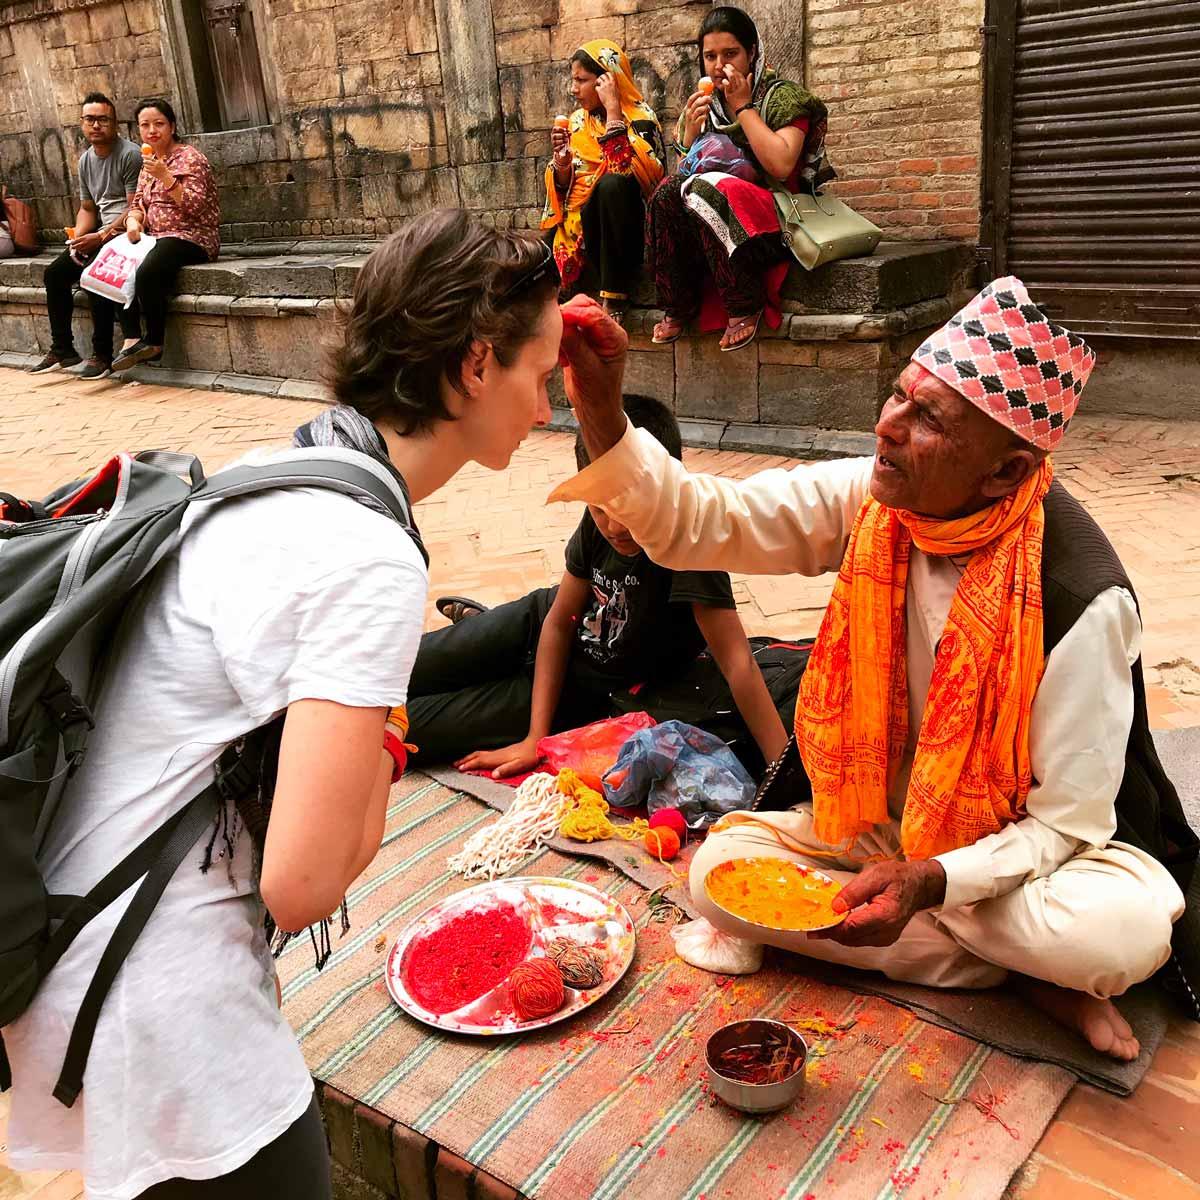 Elimeli blog di viaggi al festival Janai Purnima di Patan, Nepal